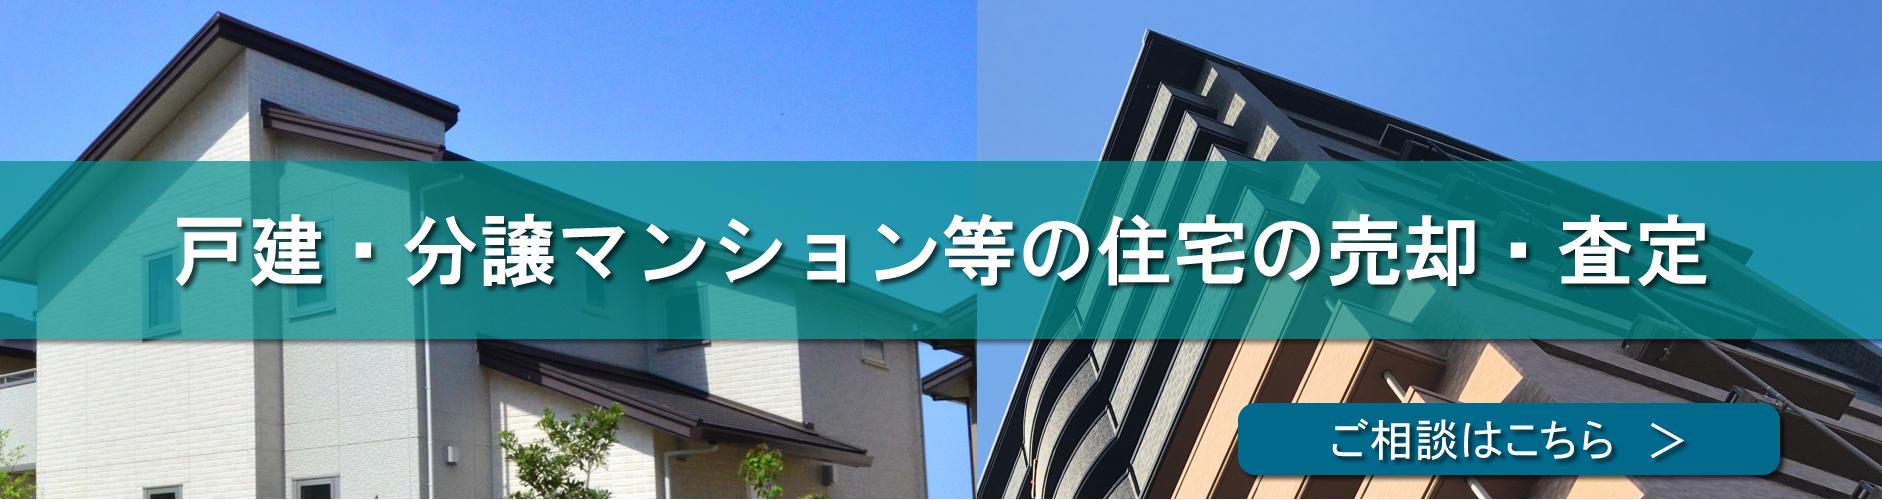 戸建住宅・マンションの売却・査定